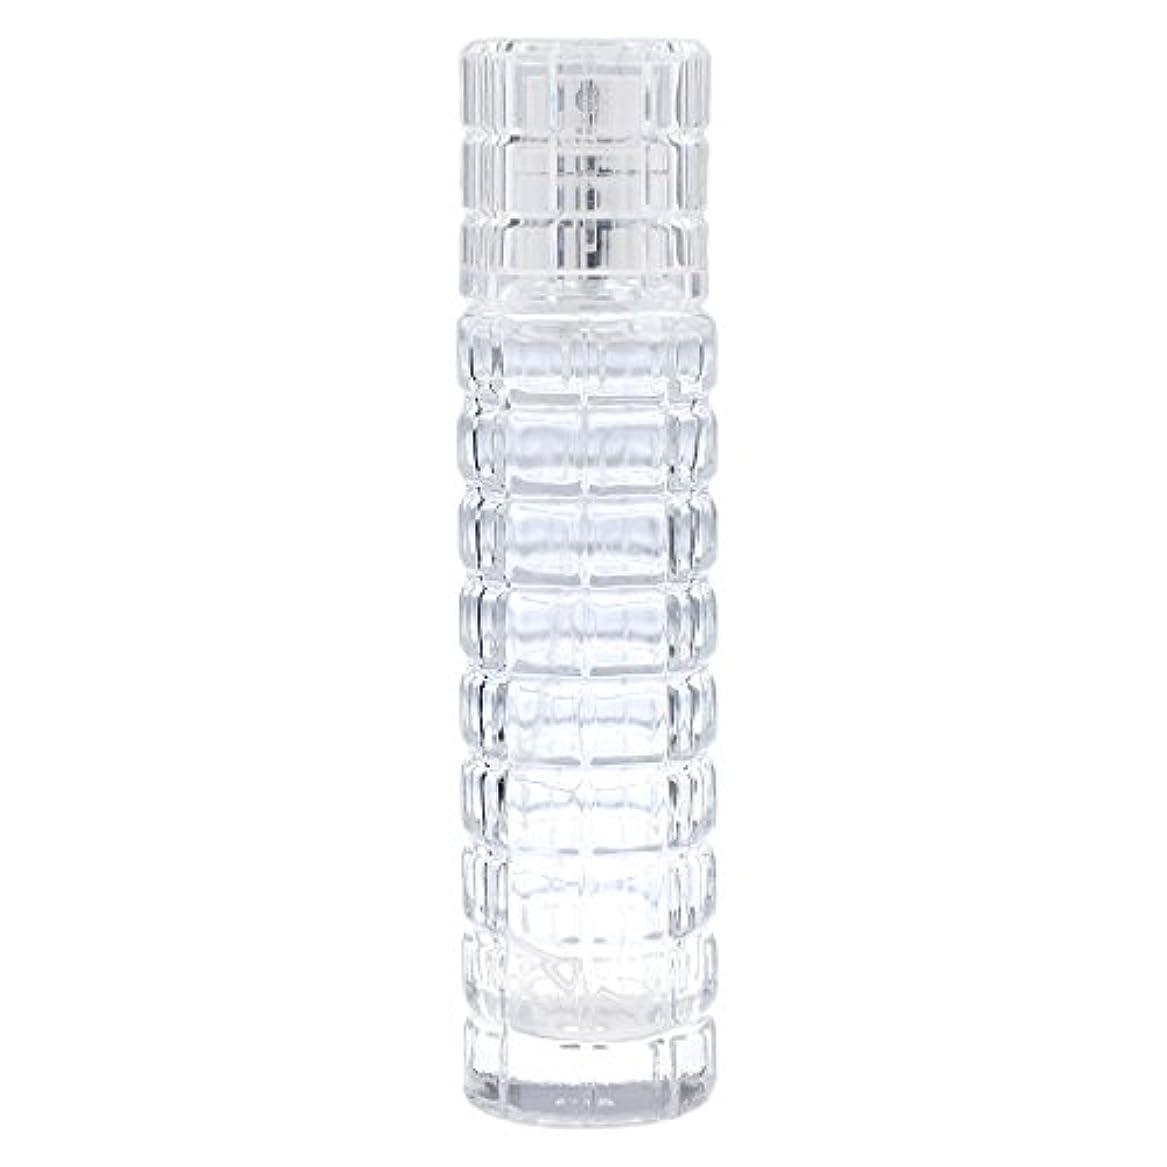 似ているほとんどない浴室小型 詰め替え可能 空 香水ボトル ガラス 香水瓶 アトマイザー スプレー 旅行用 30ml 便利 クリア